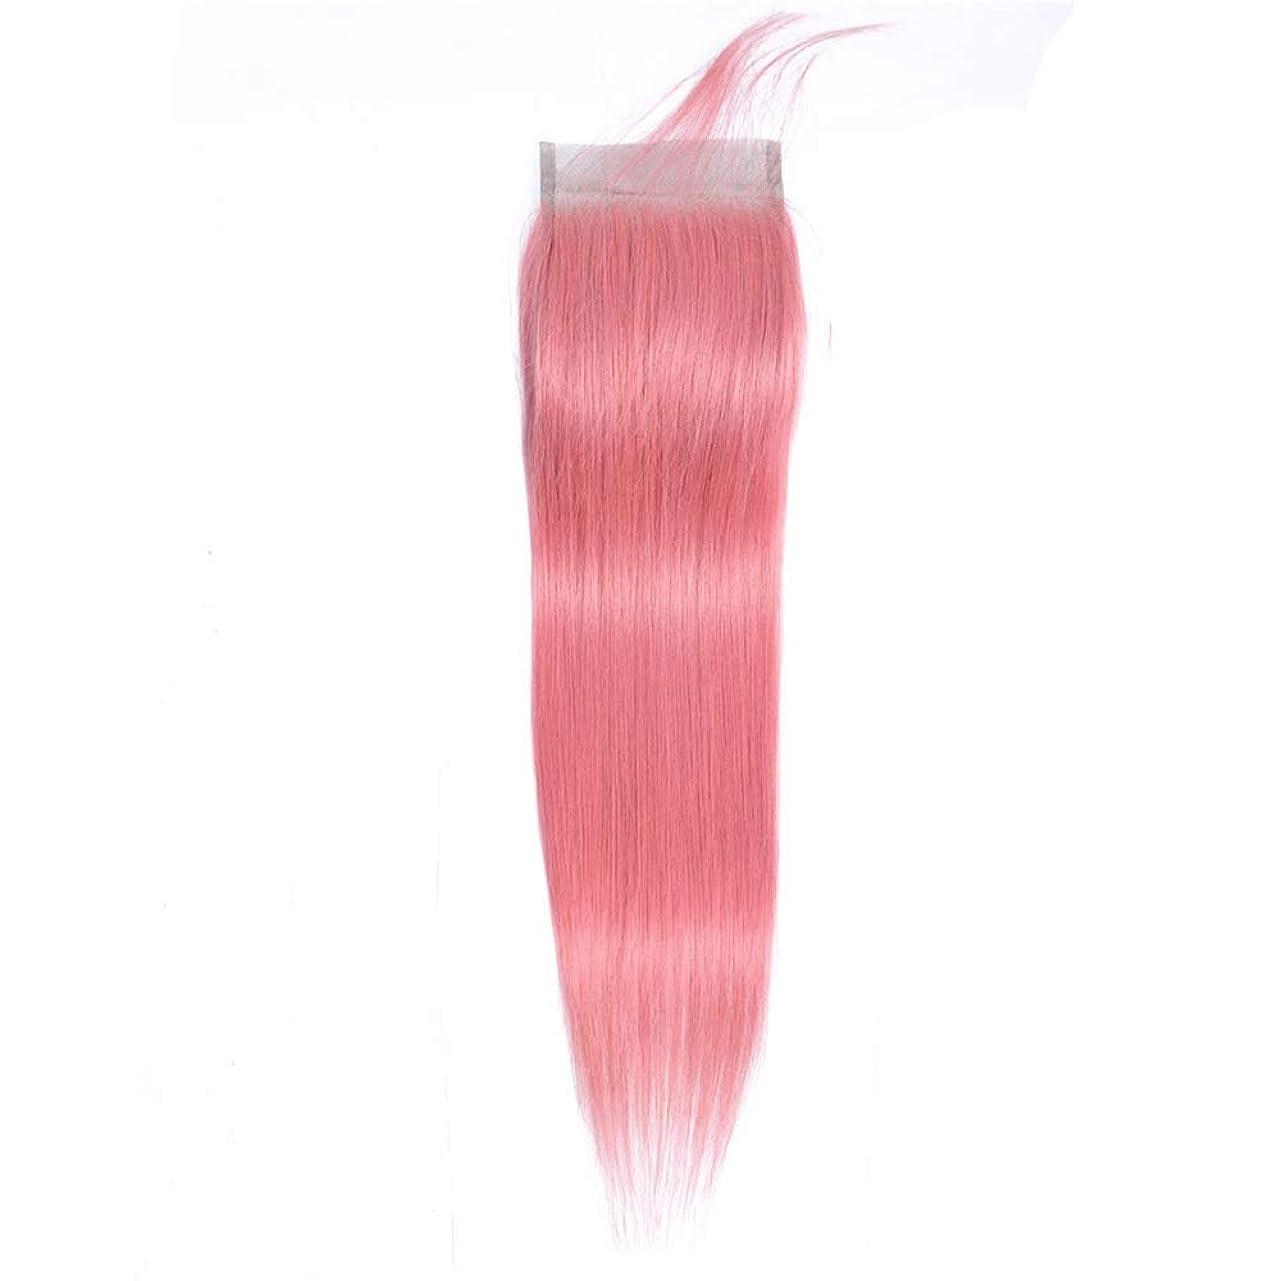 バングかなり包囲HOHYLLYA レースの閉鎖無料パート4 * 4レースの正面閉鎖(10インチ-16インチ)ファッションウィッグとピンクの100%人毛ブラジルストレートヘア (Color : ピンク, サイズ : 12 inch)